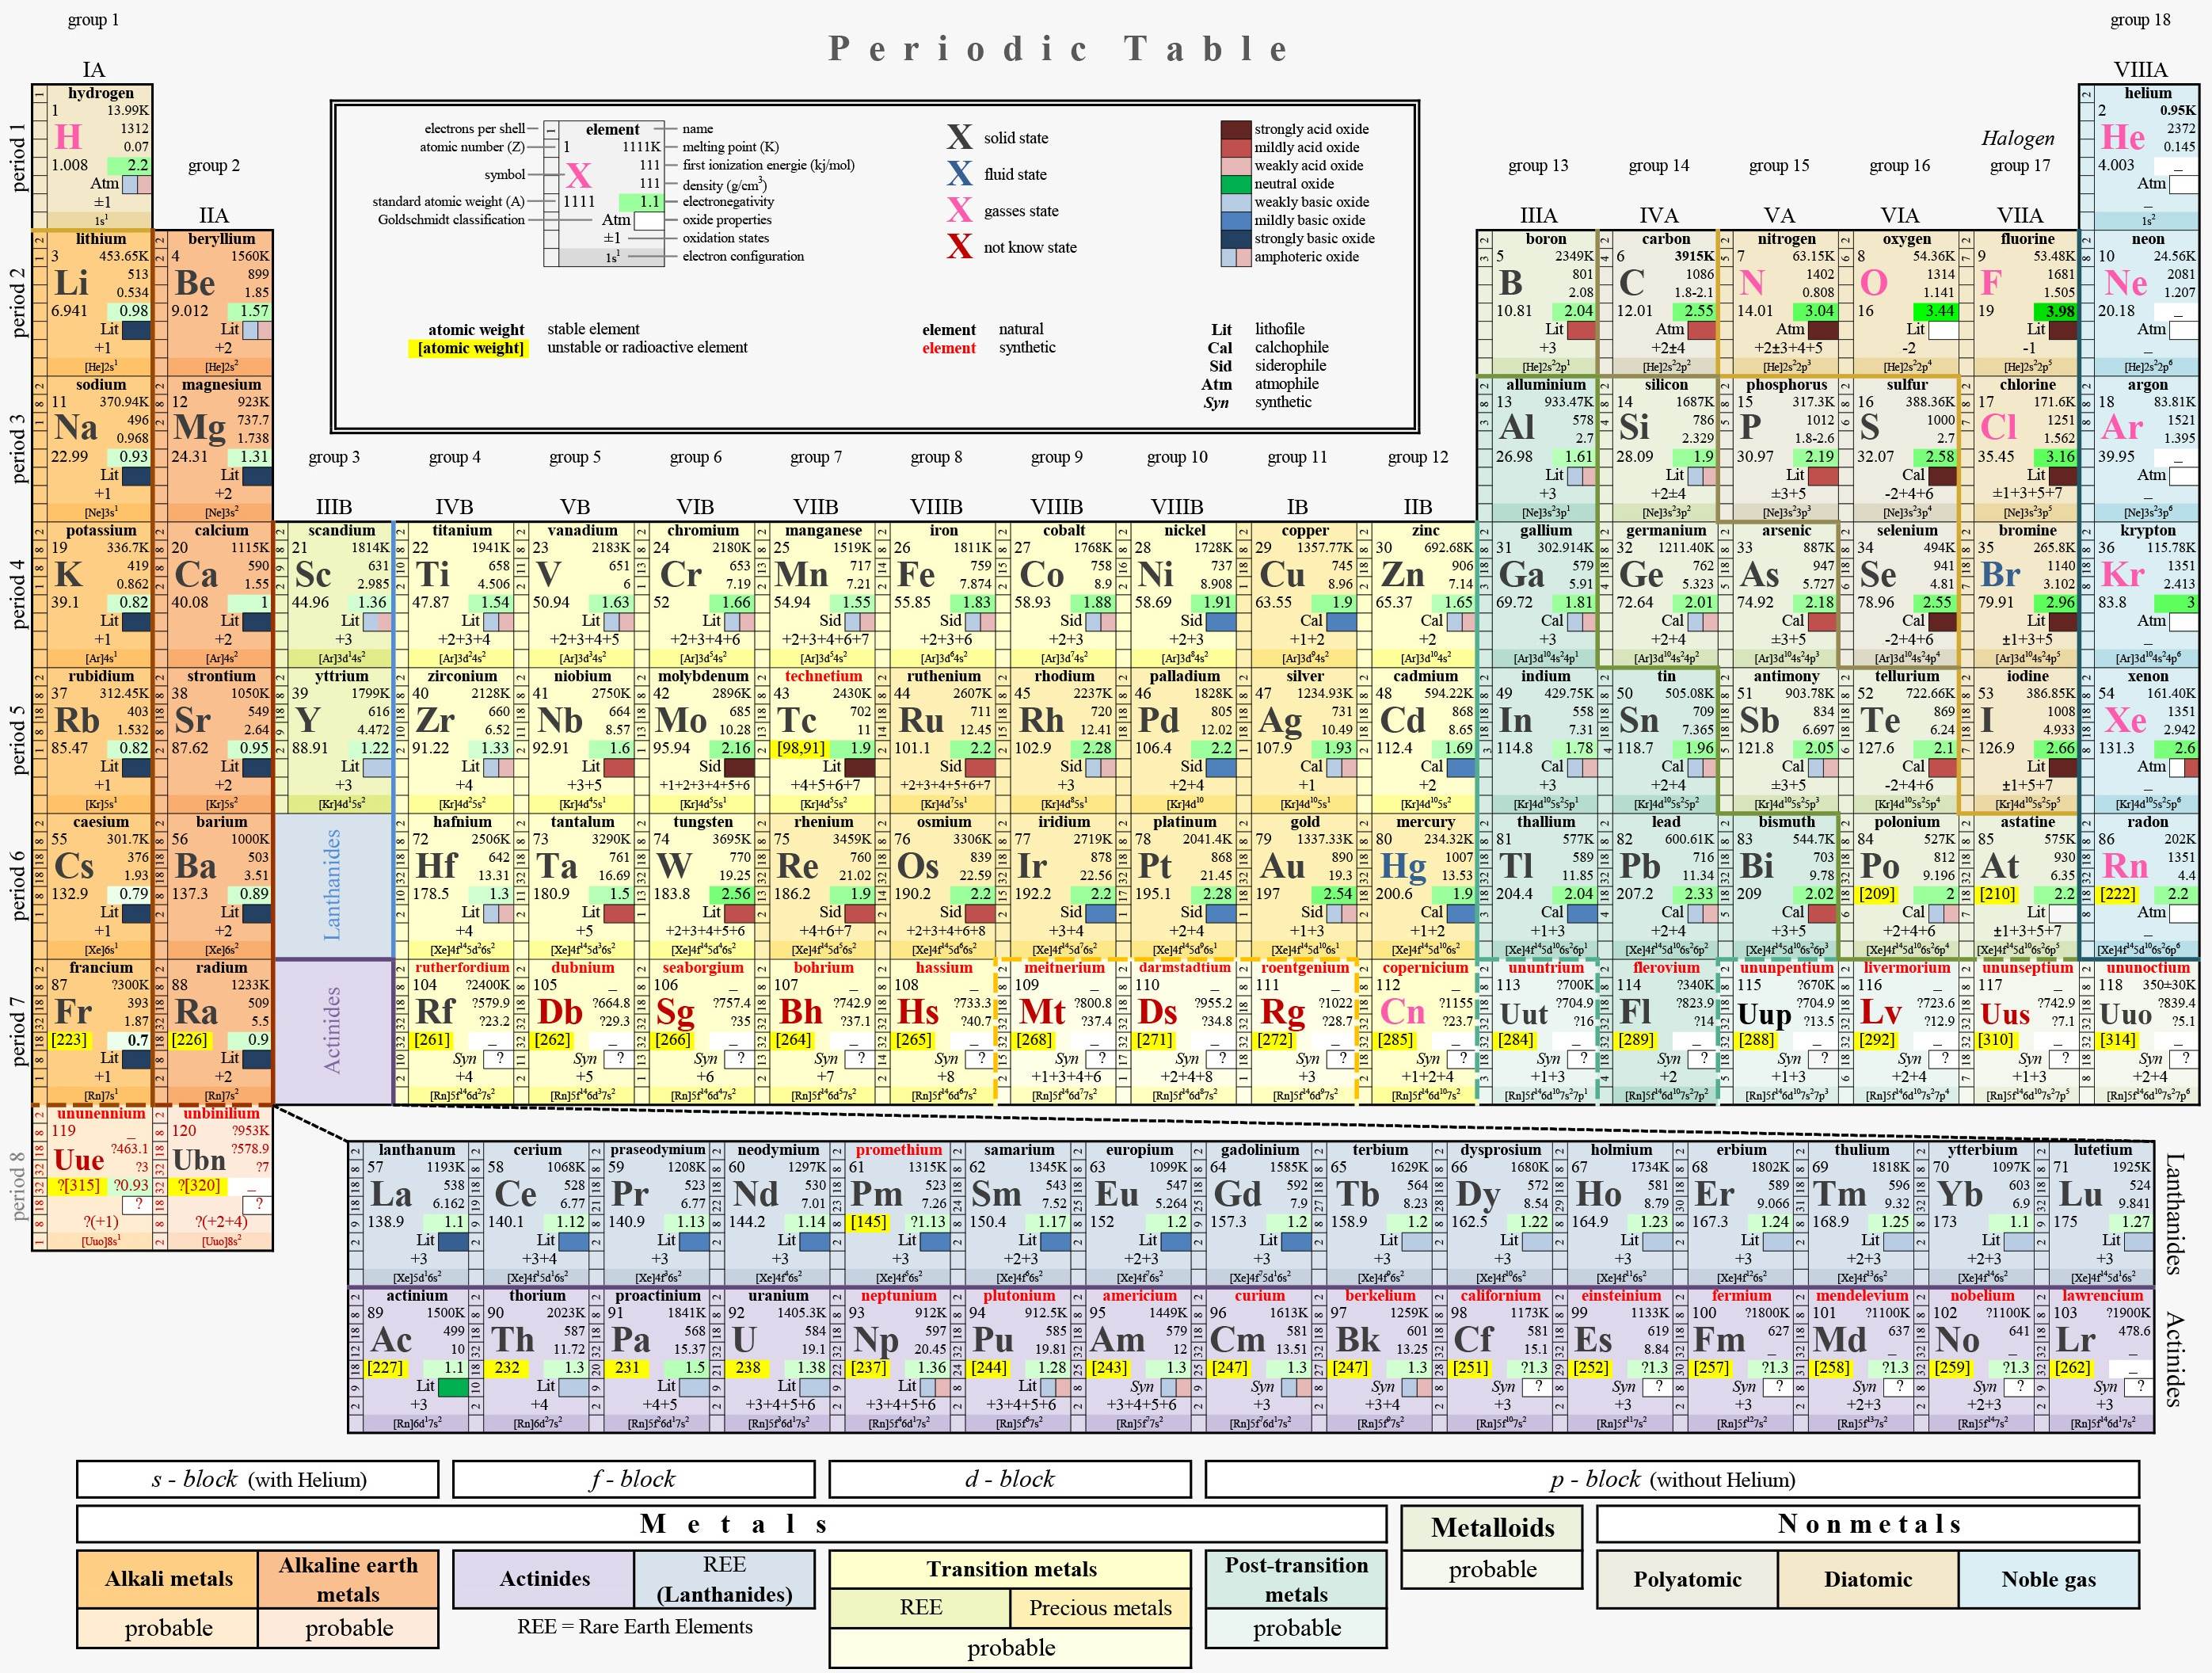 Tavola periodica degli elementi completata la settima - Gli elementi della tavola periodica ...